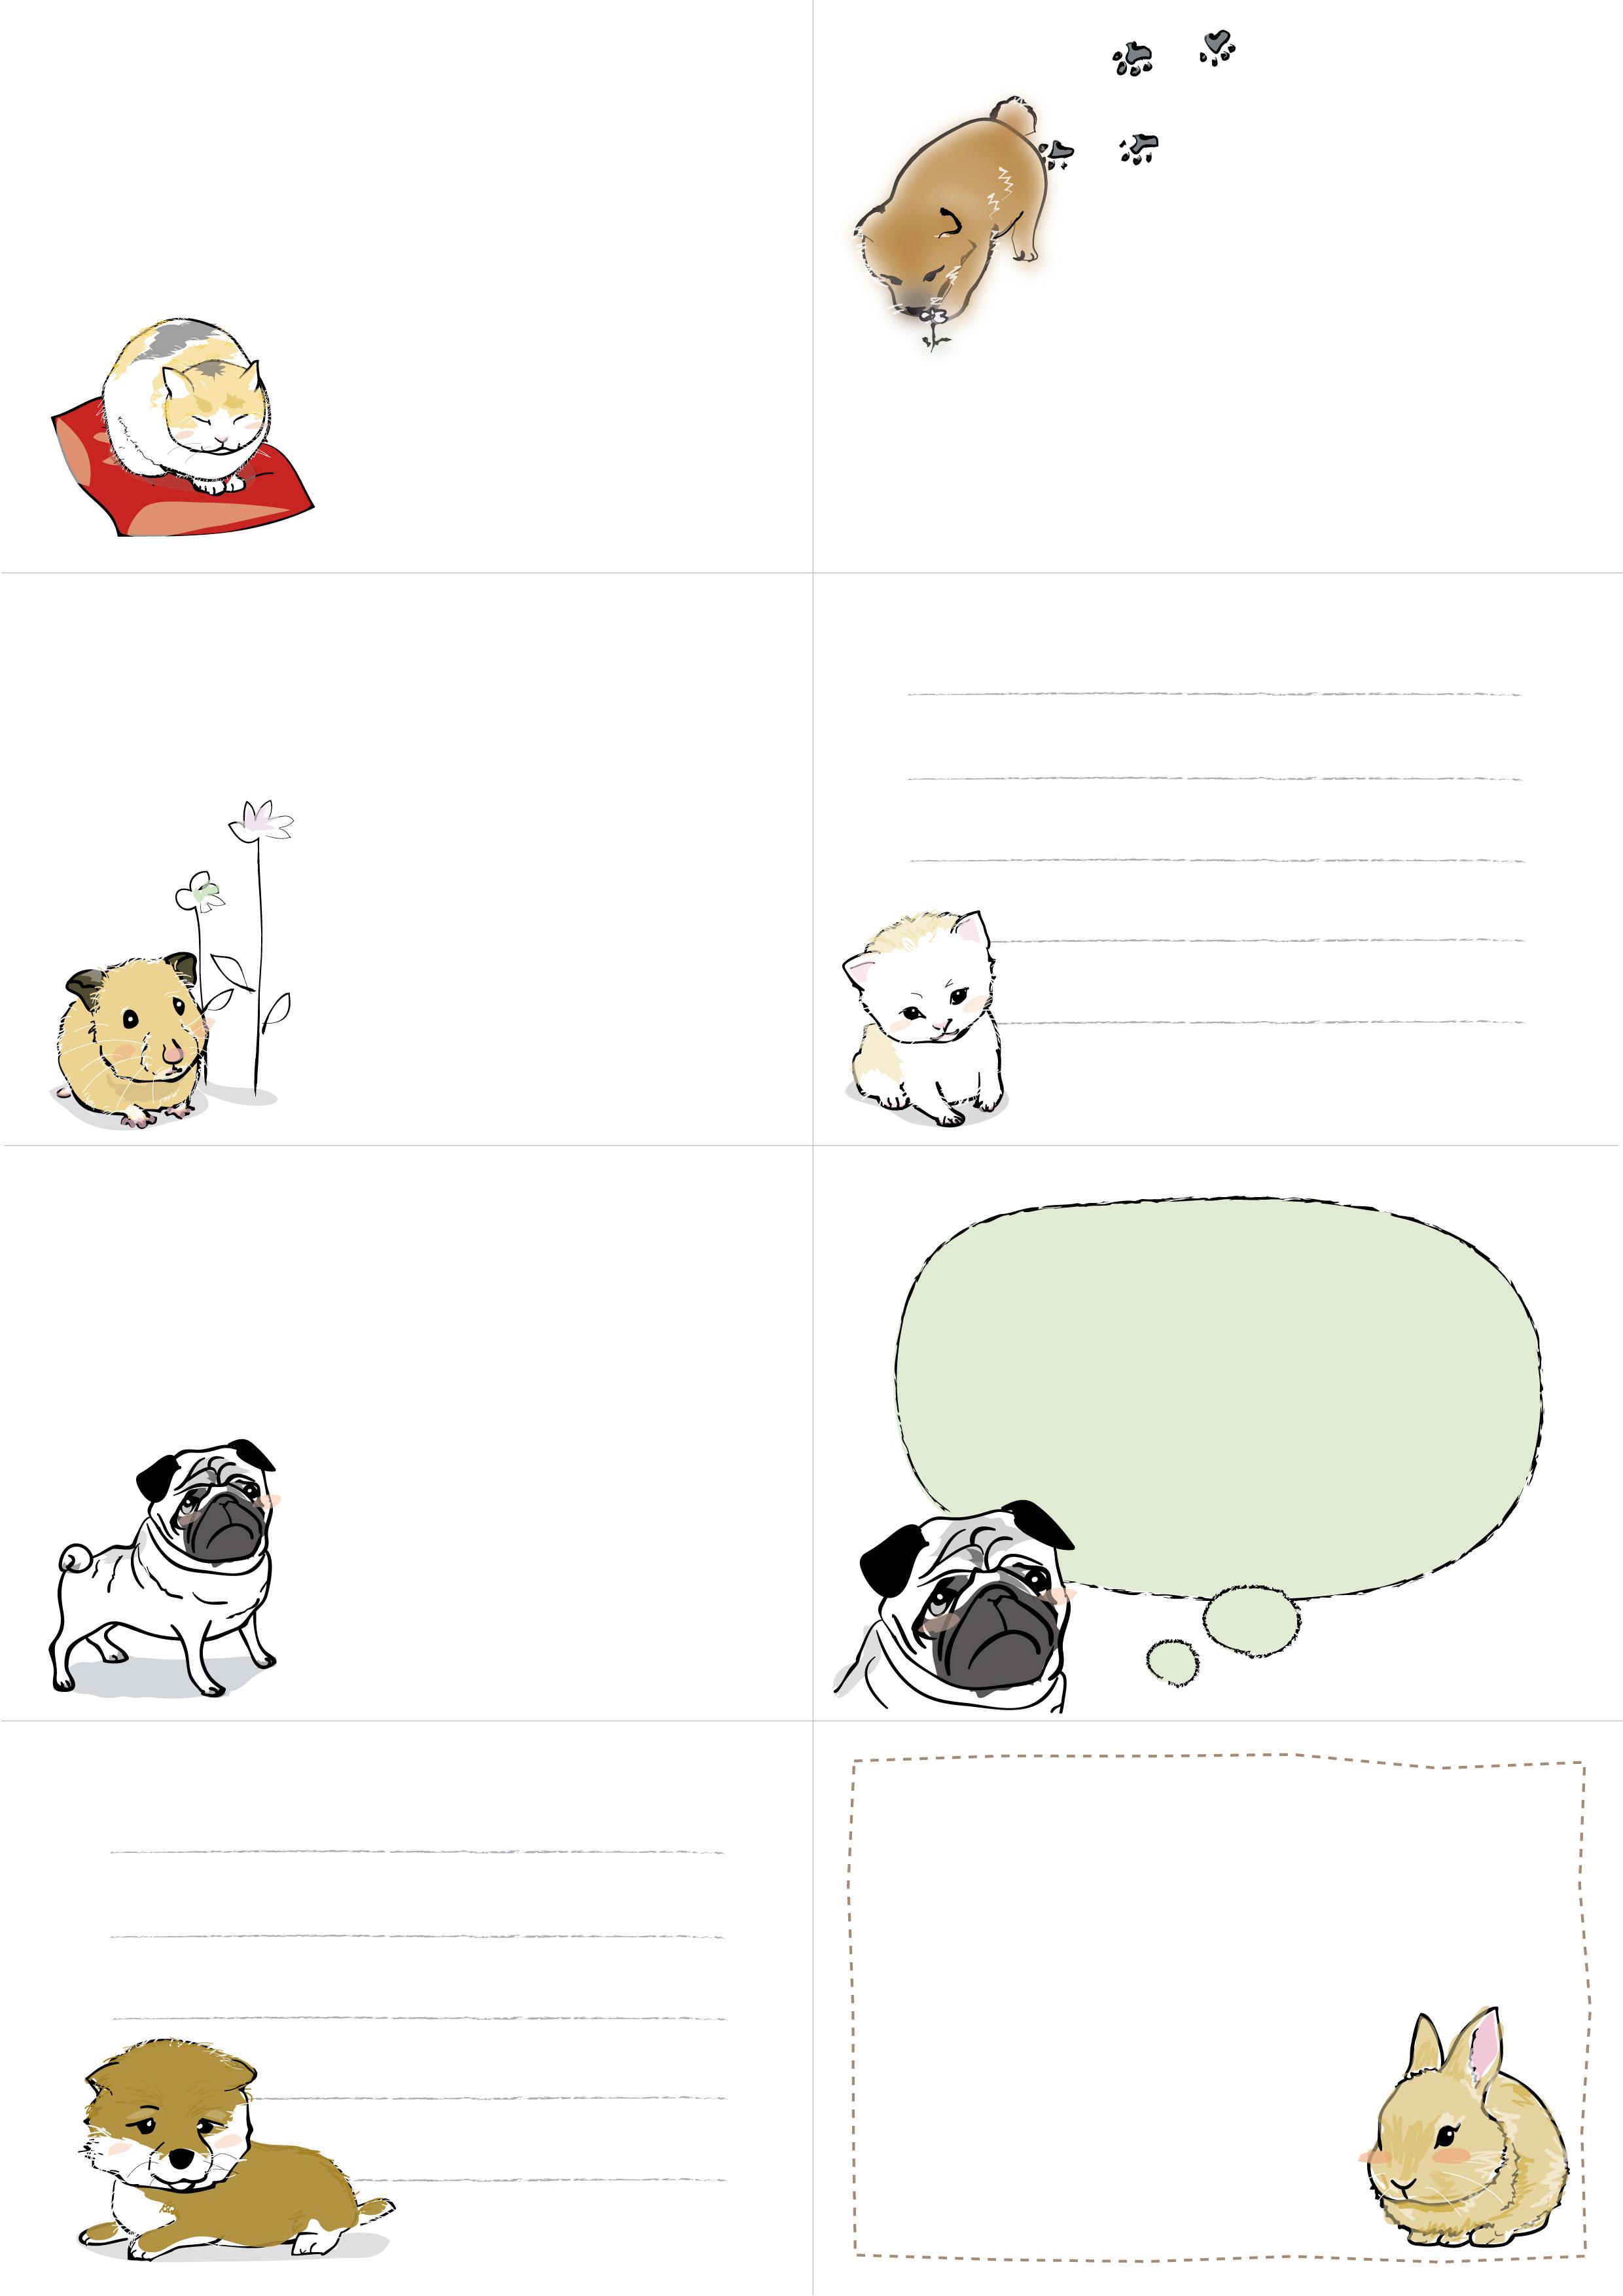 メモ用紙のテンプレート「動物」ダウンロード|かわいい無料イラスト